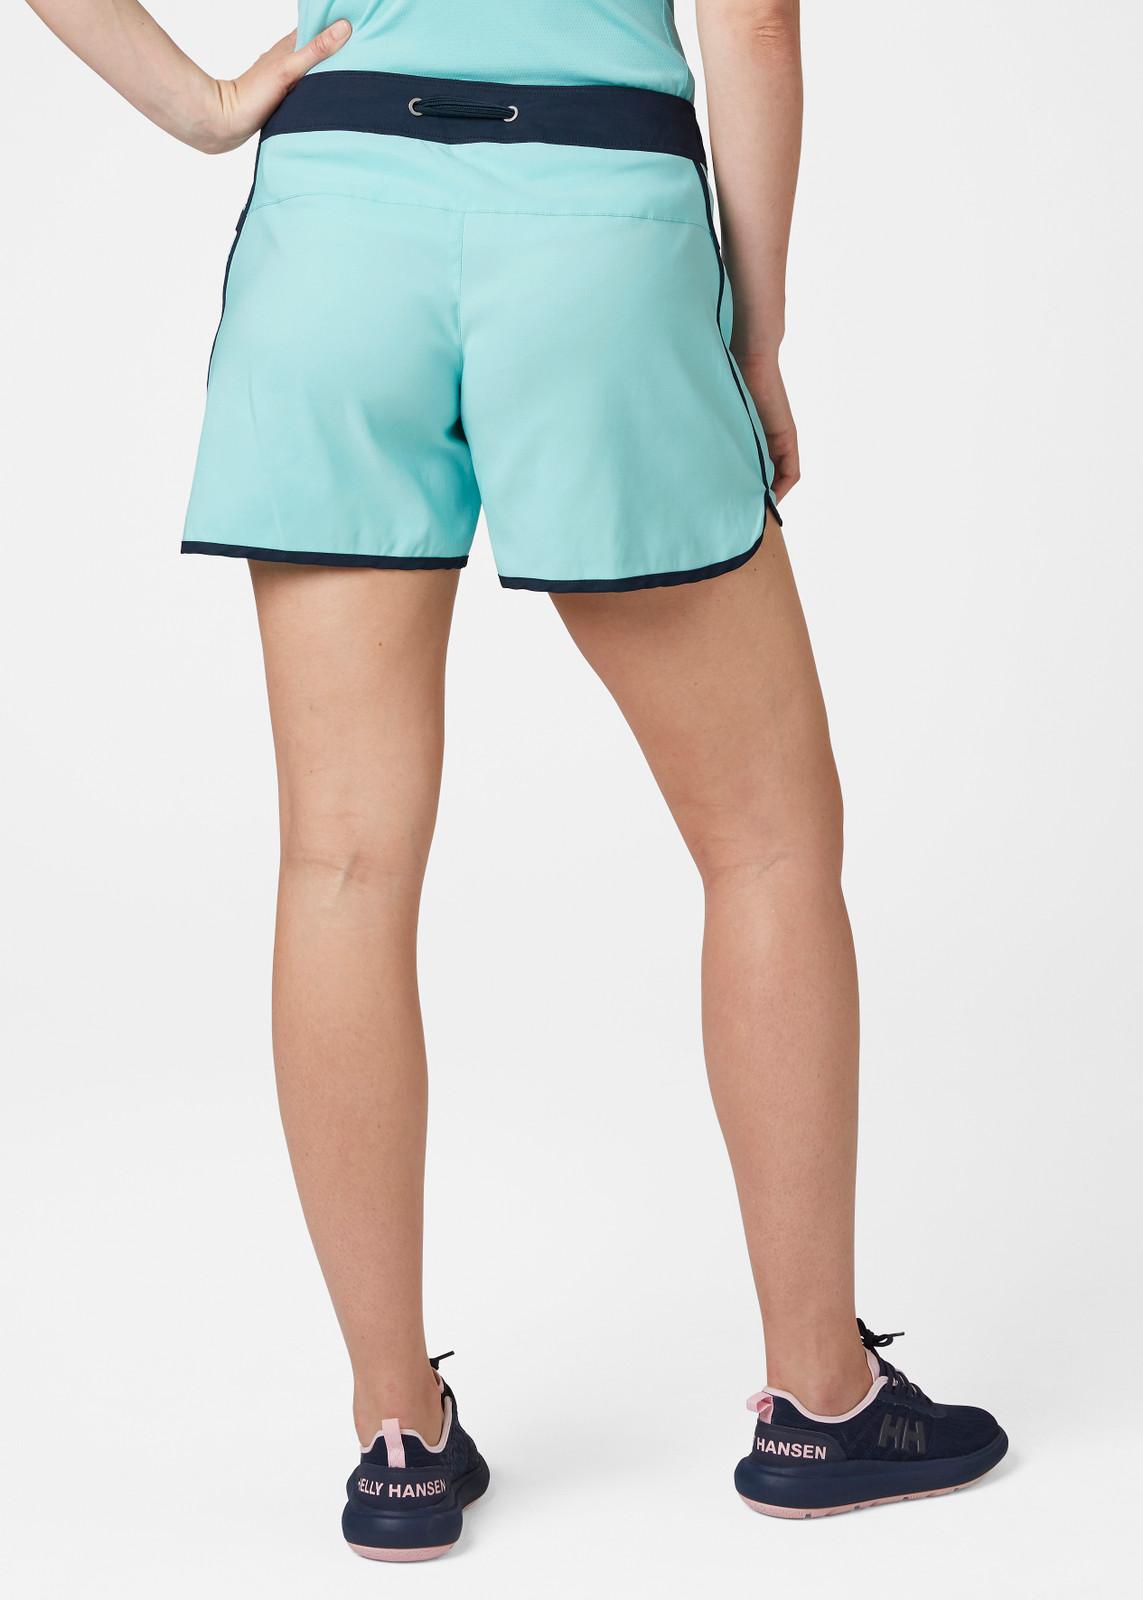 Helly Hansen Solen Classic Watershort, Women's - Glacier Blue, 62970-648 on model back